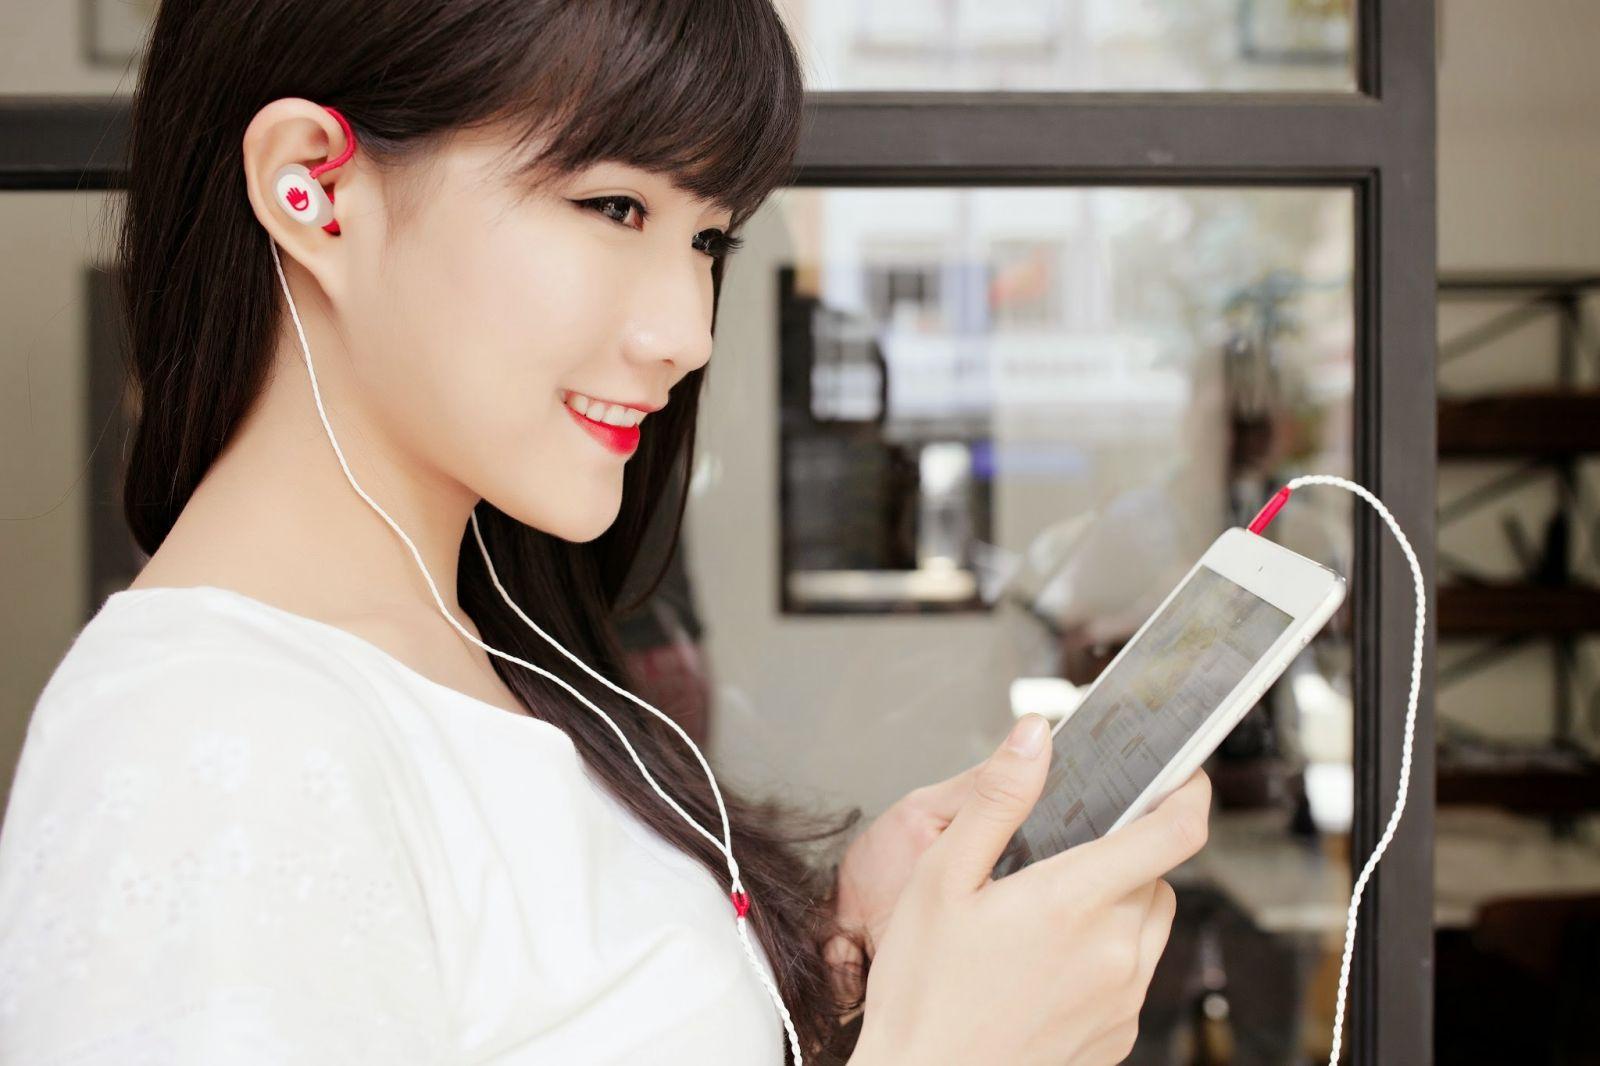 lam the nao de ghi am tren iphone that chuyen nghiep1